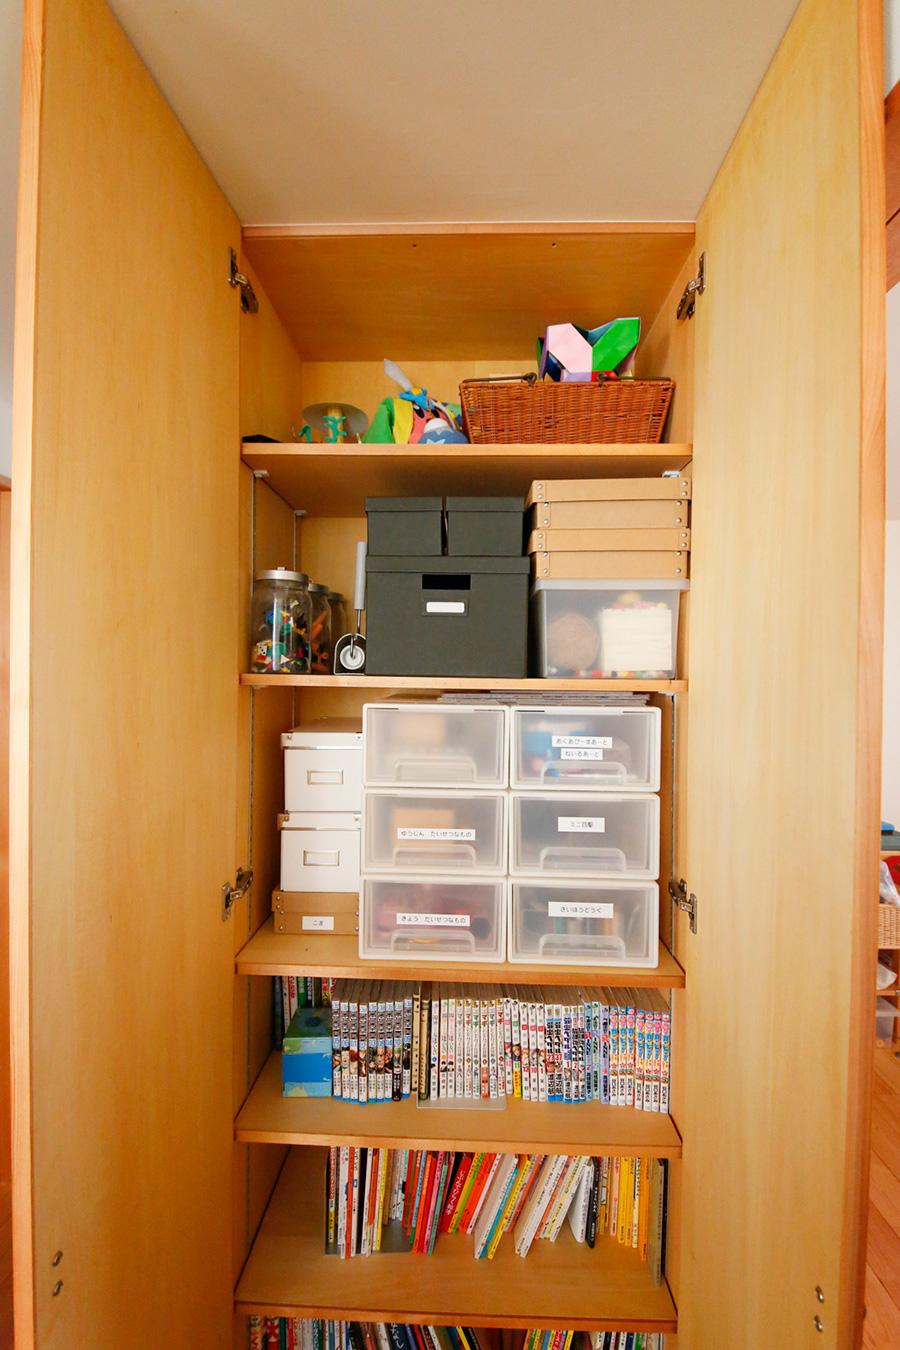 子供部屋前の収納には、おもちゃや本などを。「子供が自分で片付けやすい環境を考えています」。